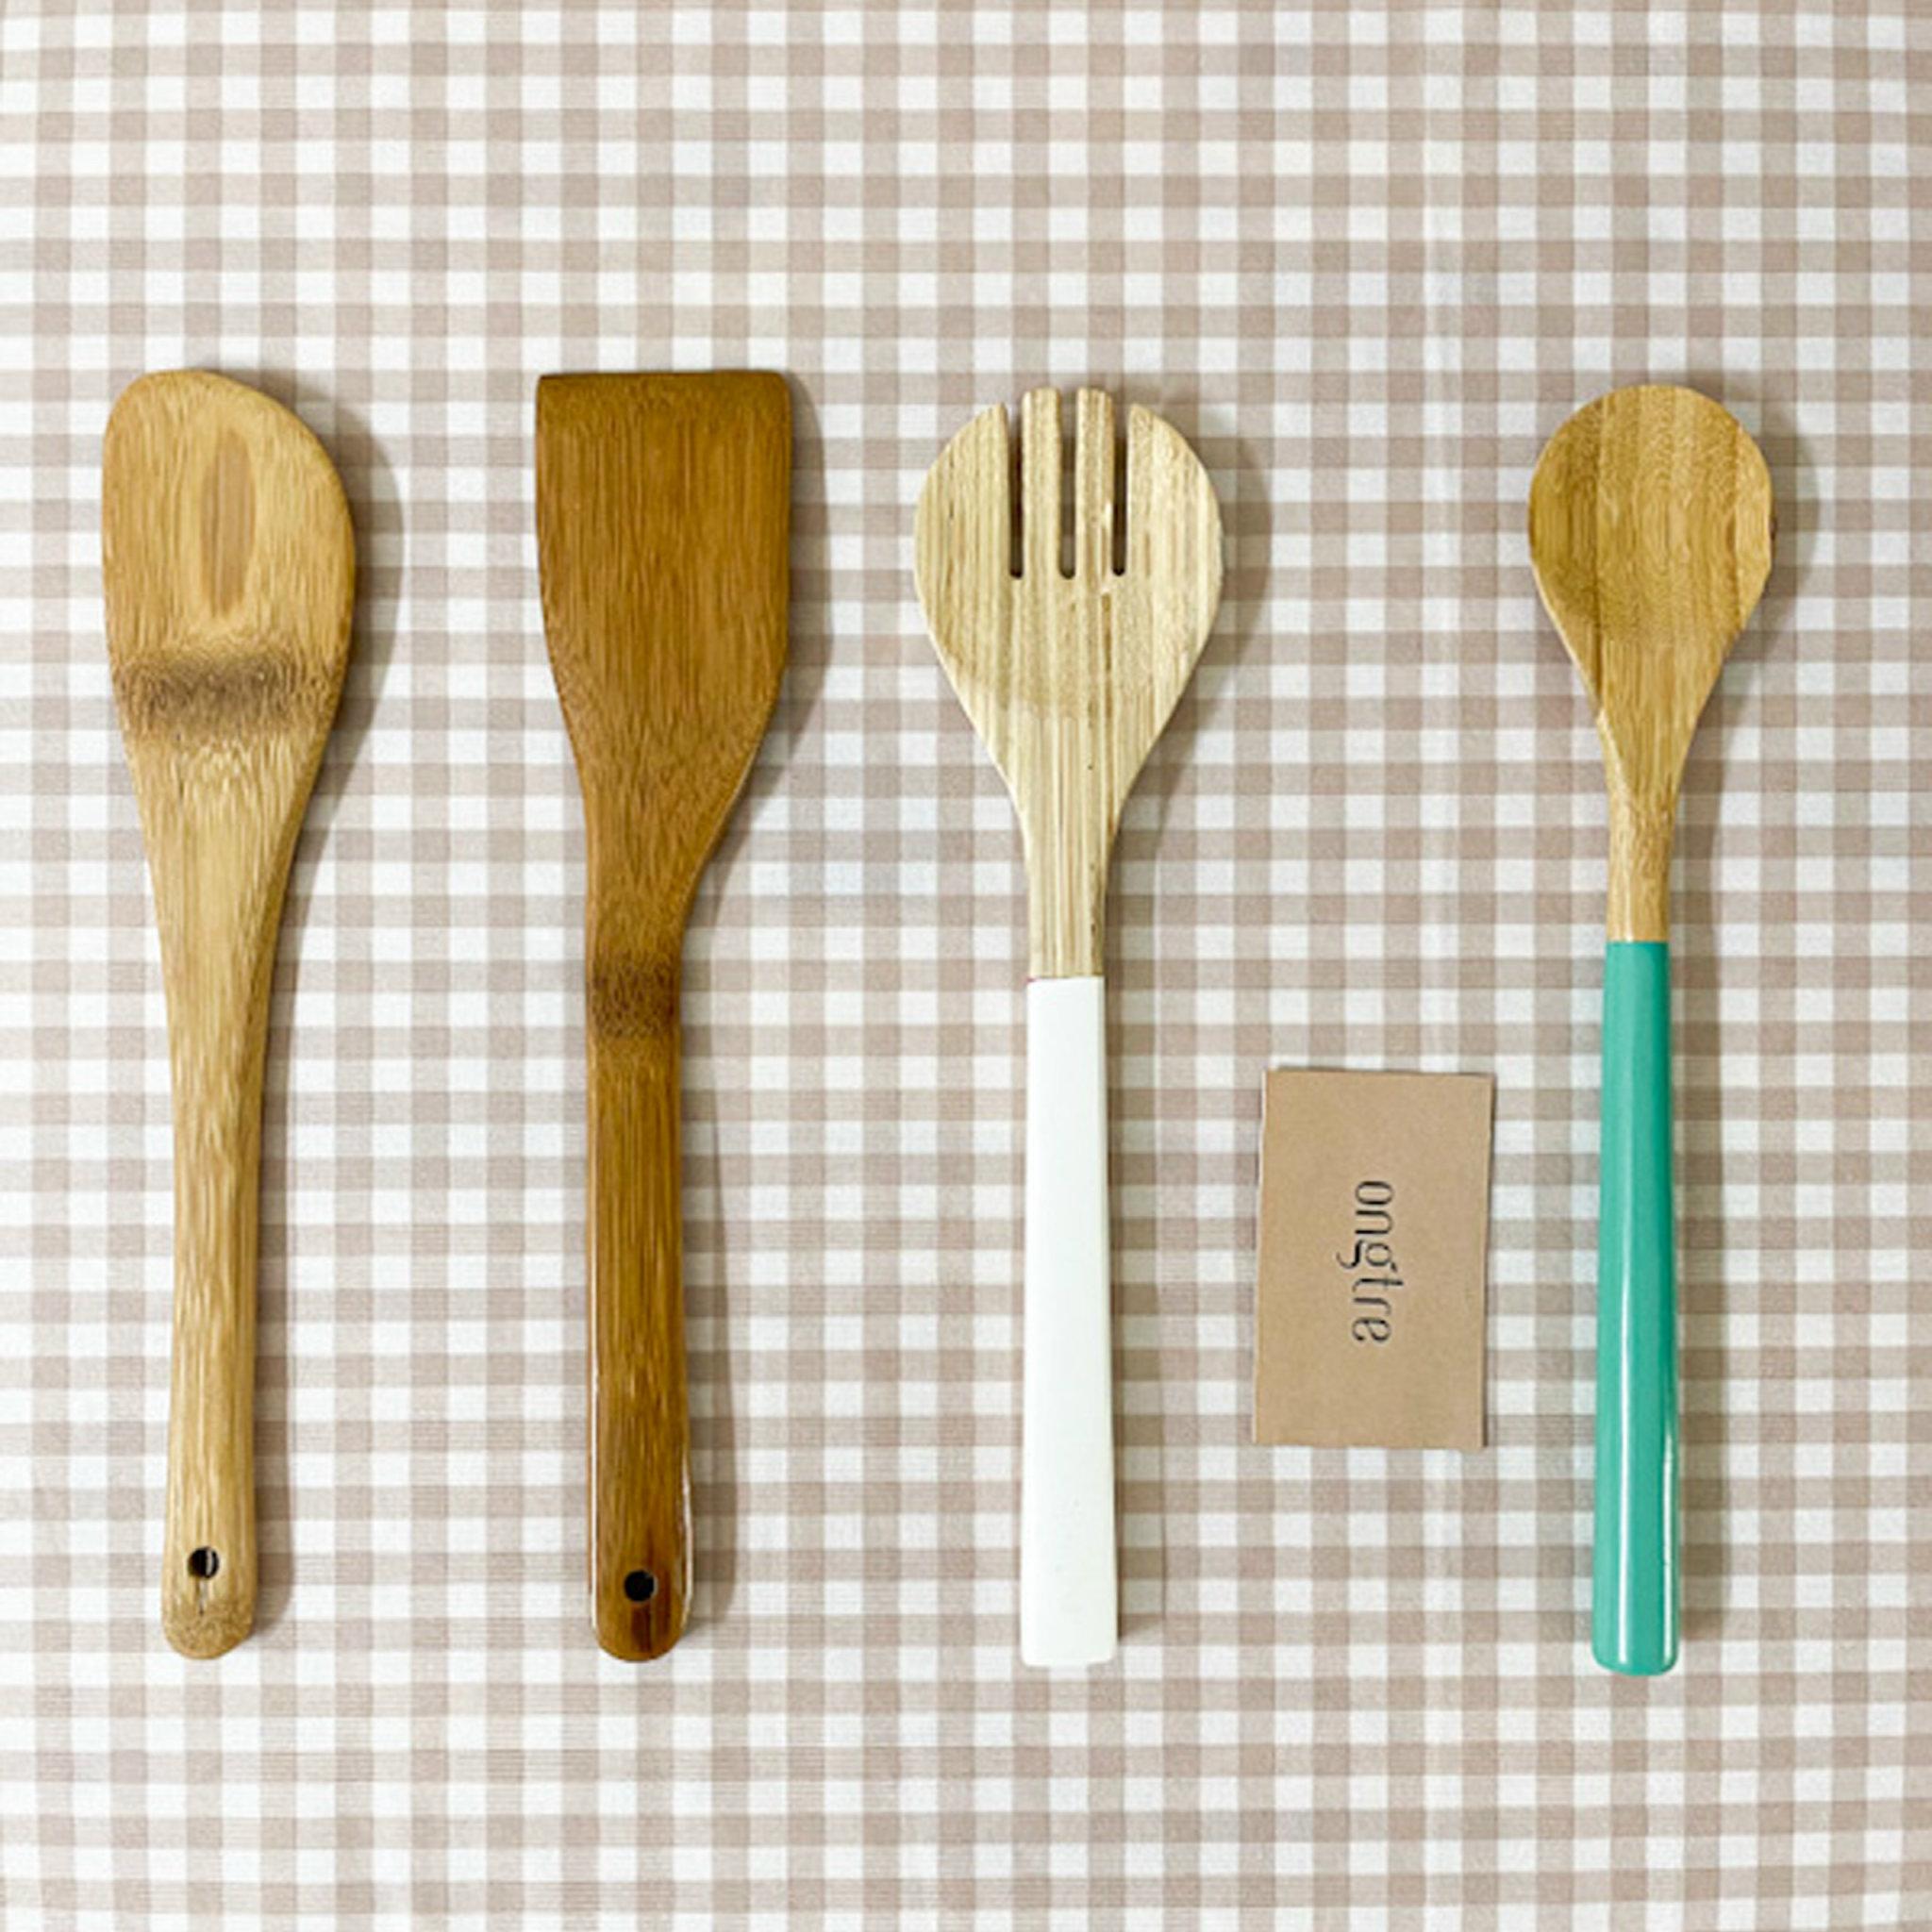 Bộ sản phẩm dụng cụ nhà bếp bằng tre tiện dụng - ONGTRE Vietnam